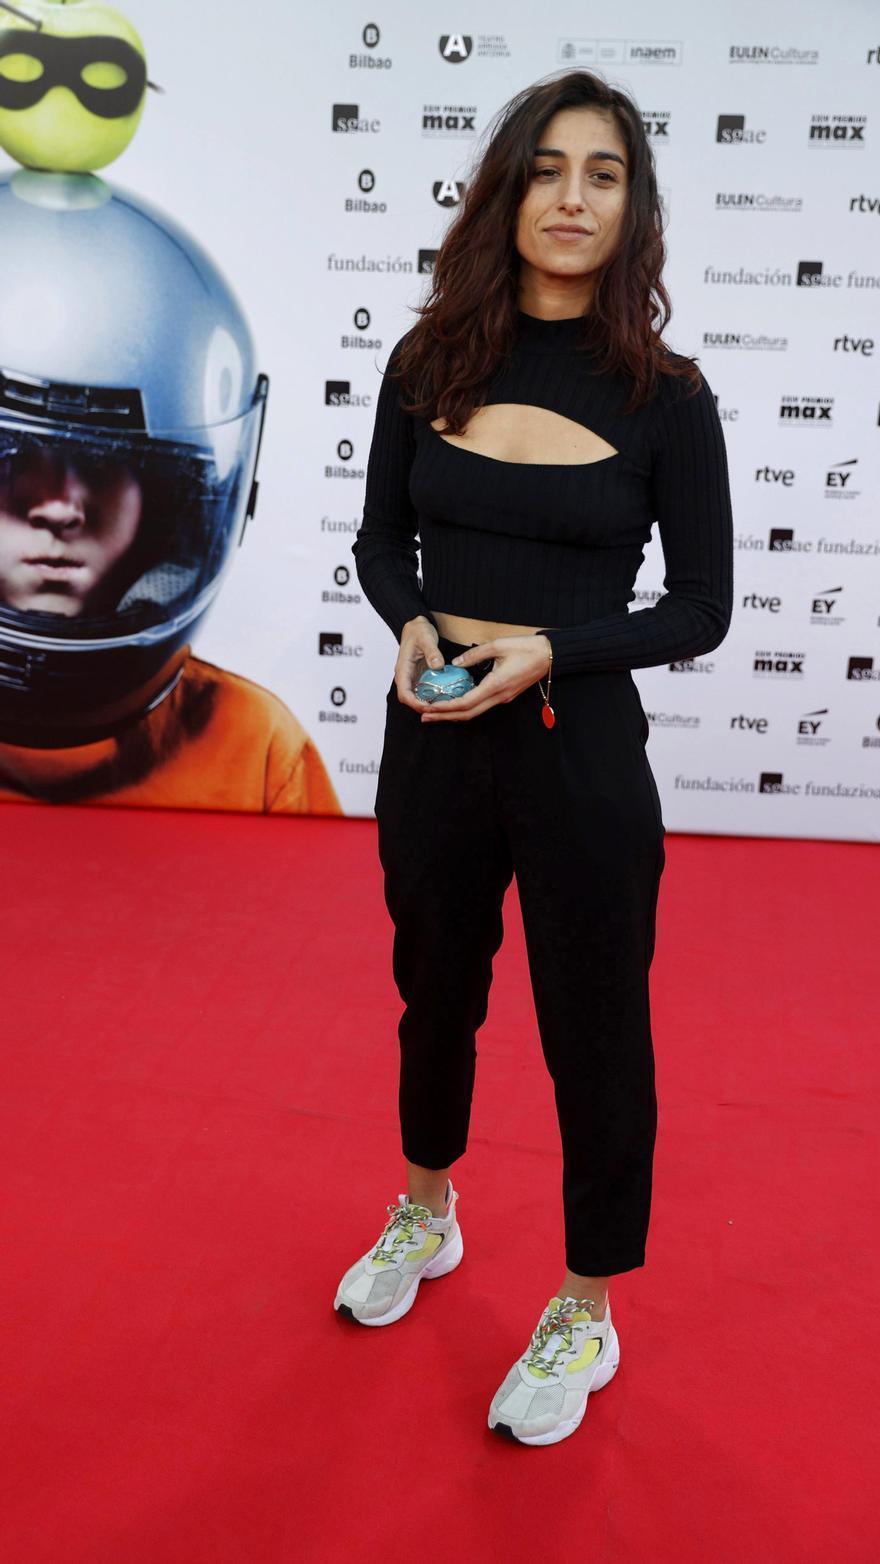 La alfombra roja de los Premios Max, en imágenes